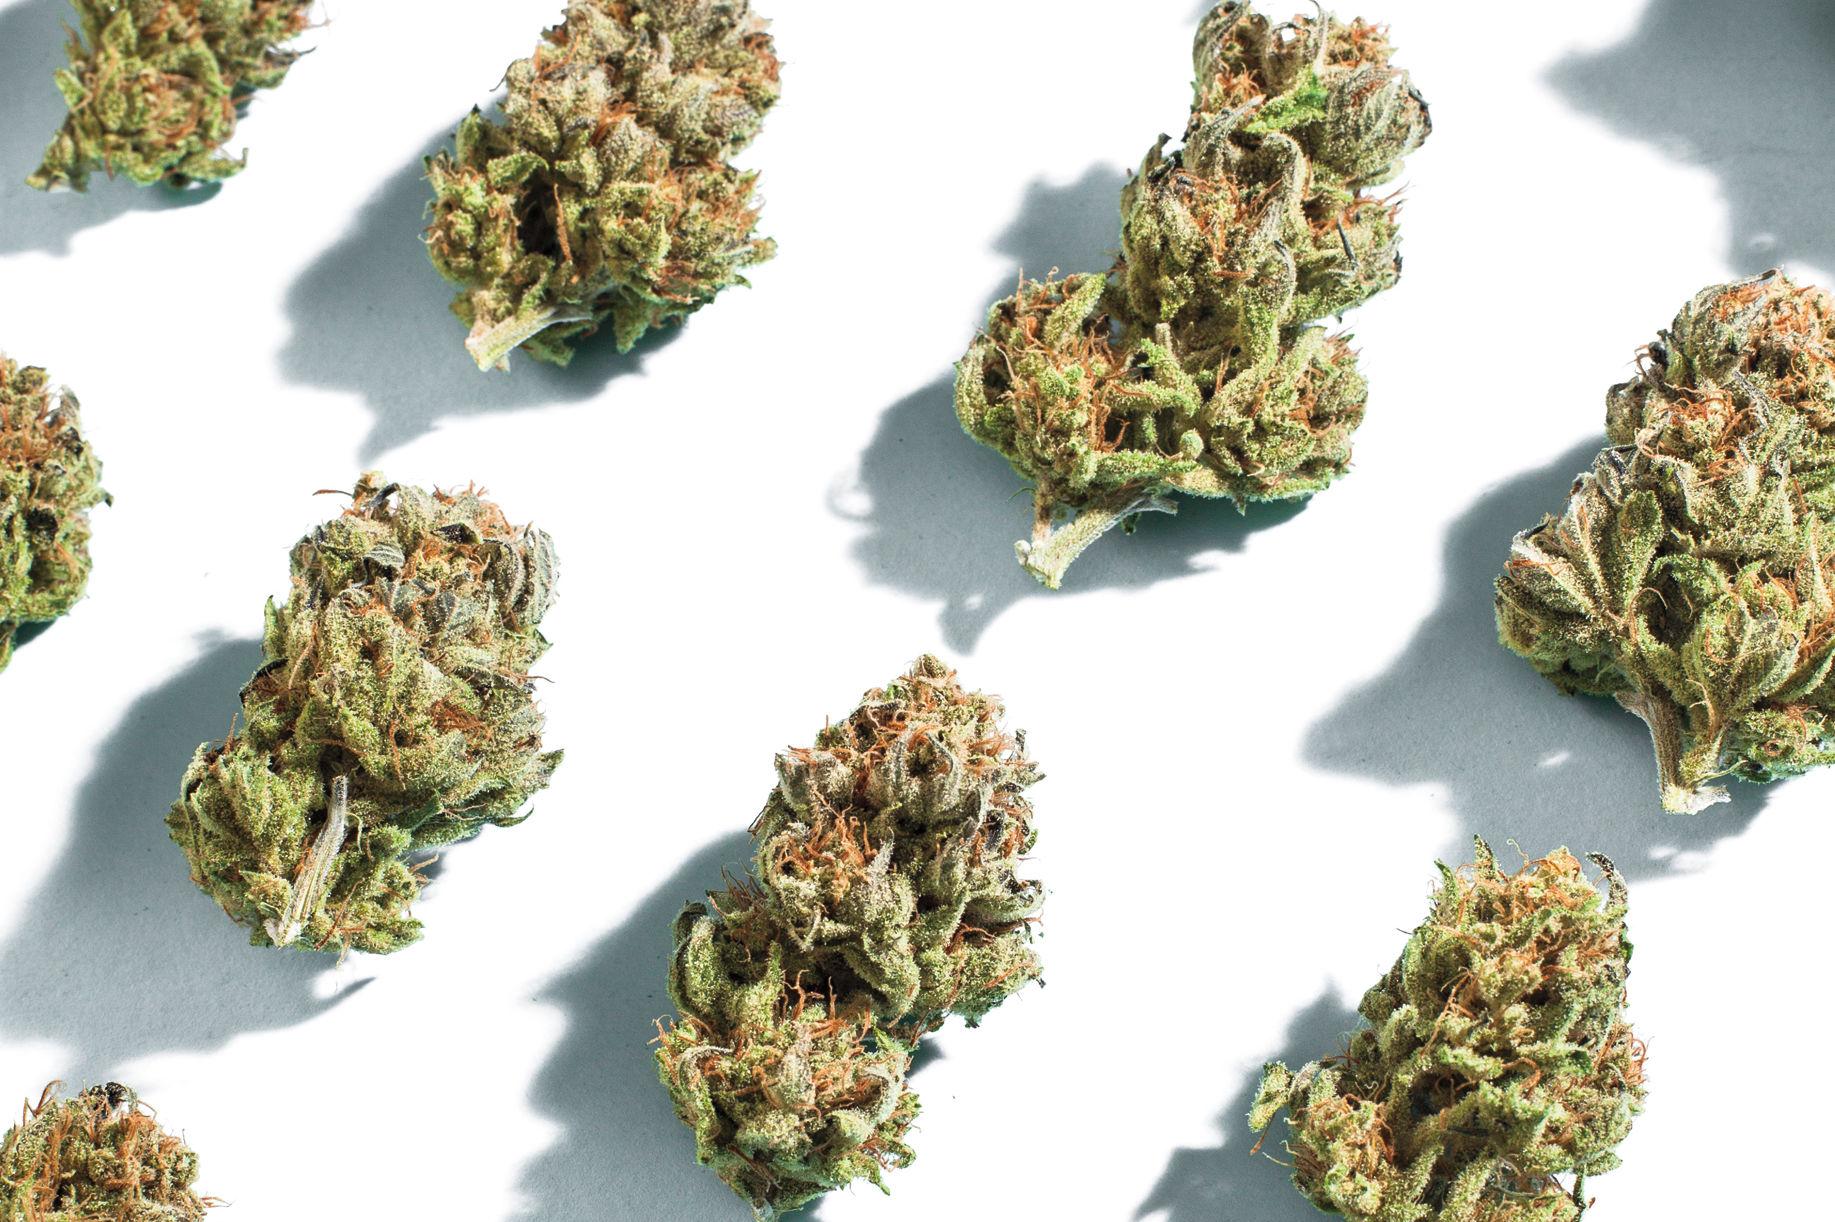 Weed f6nqa7